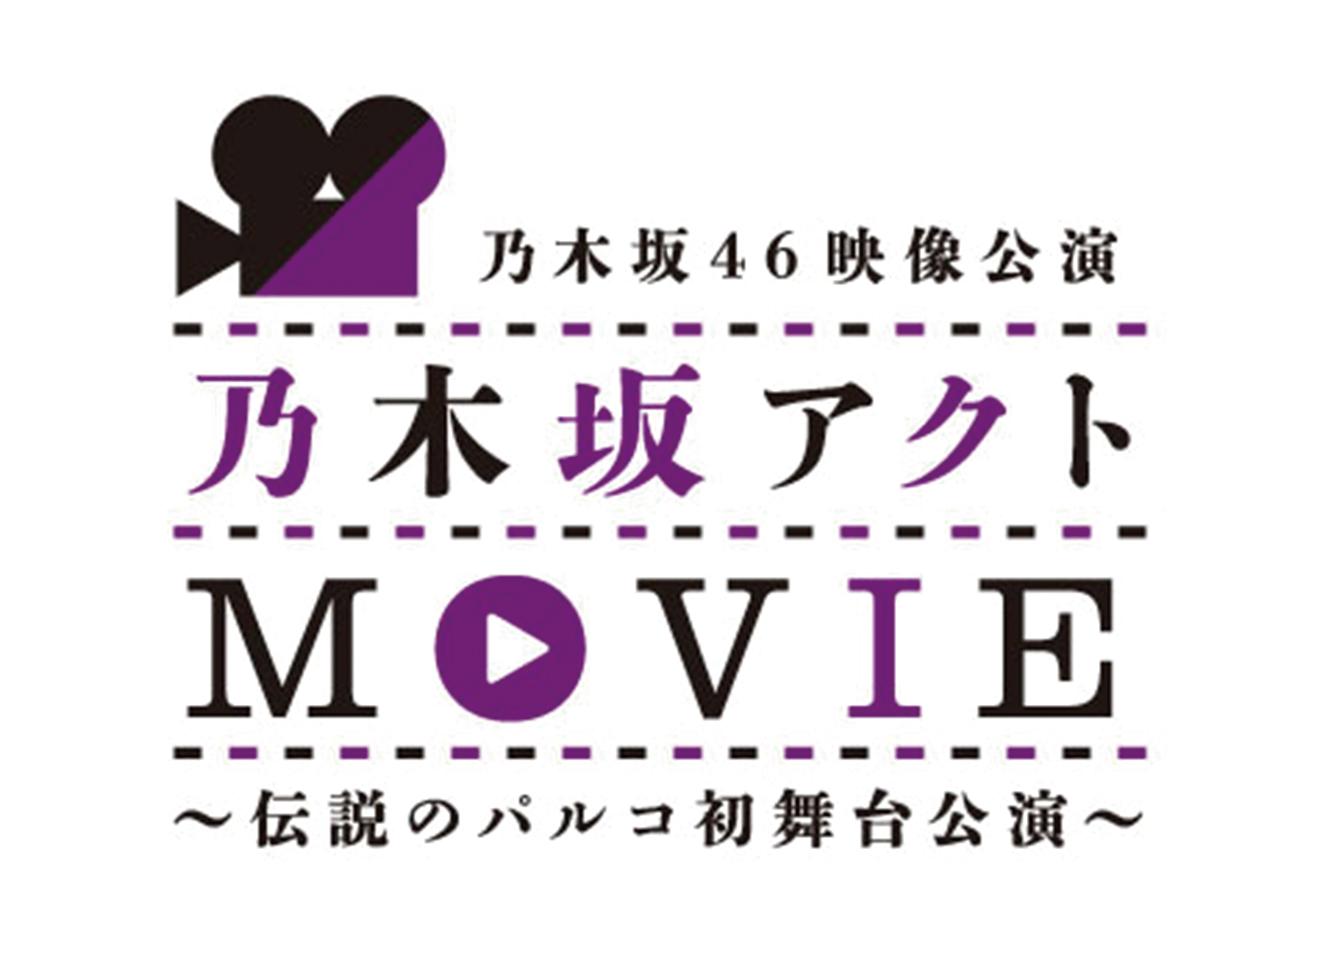 乃木坂46映像公演ロゴ